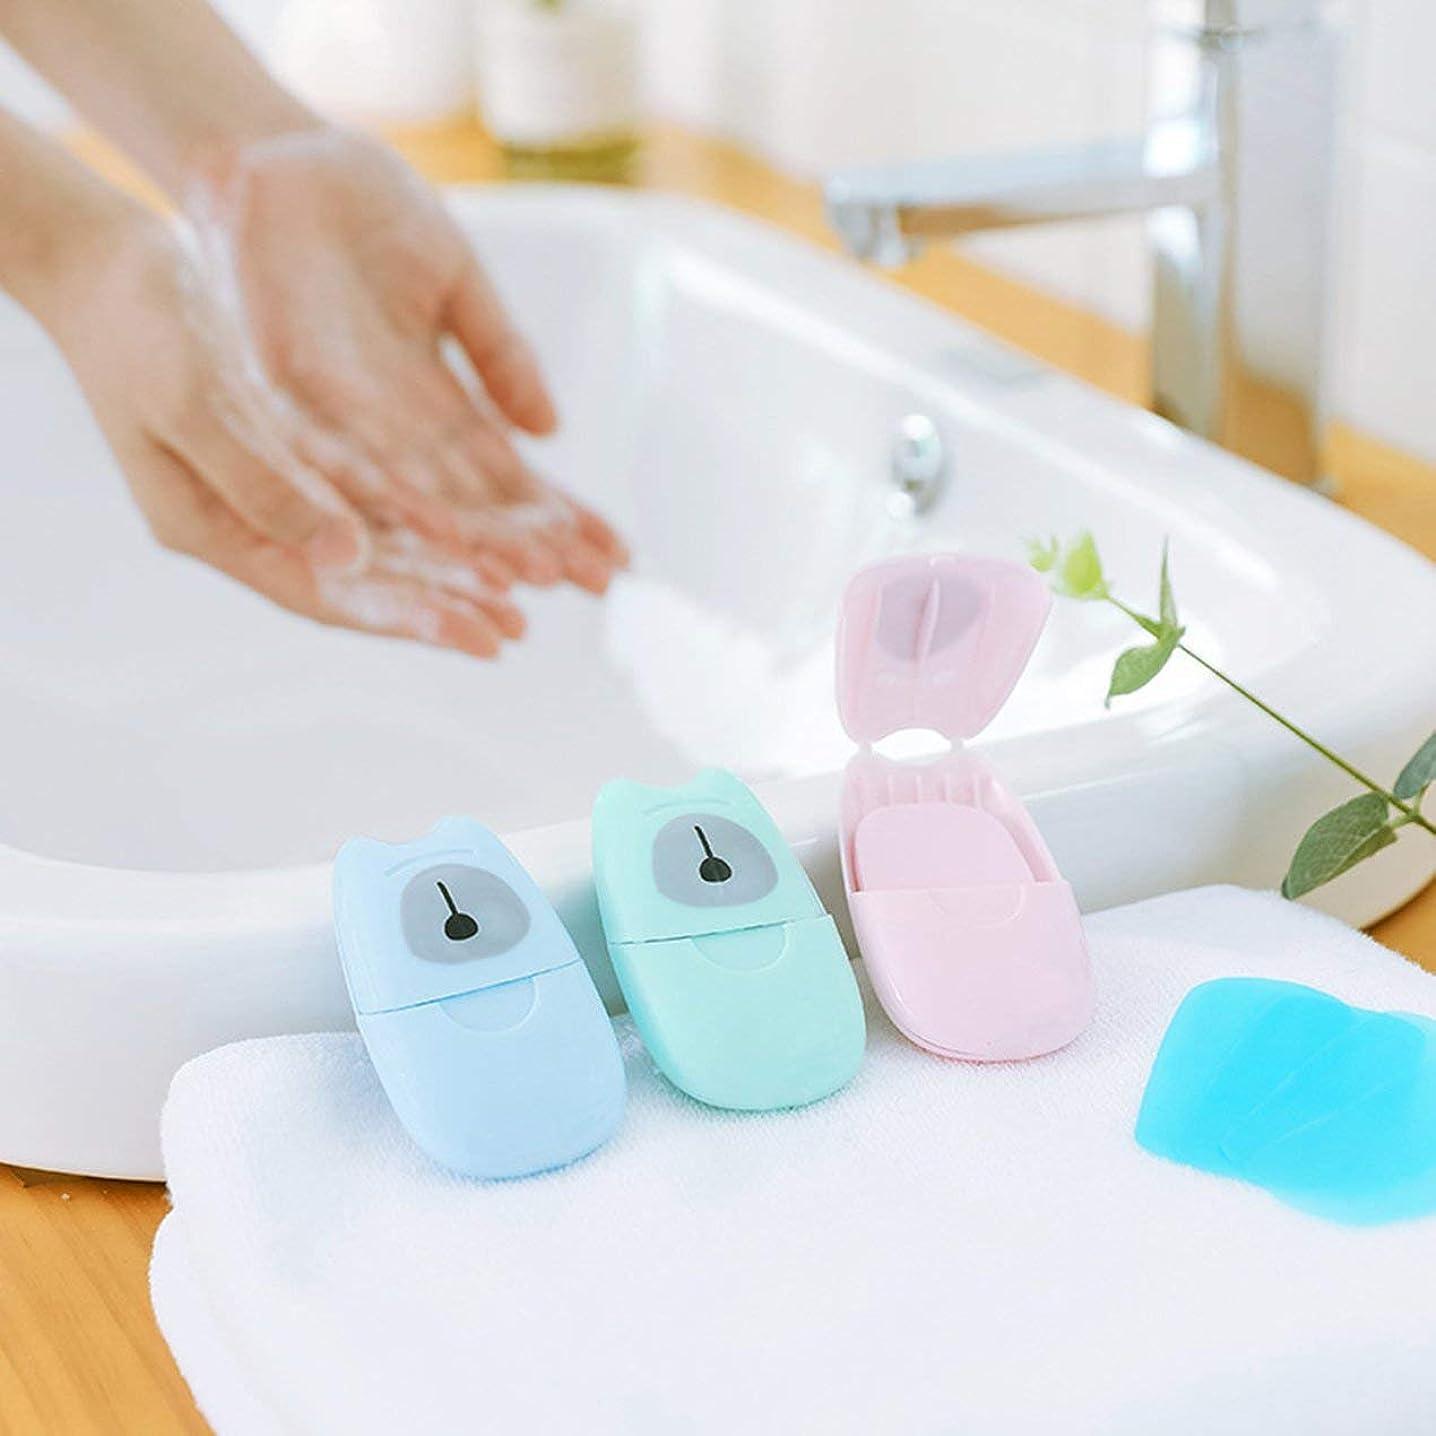 海洋の活性化するブランク箱入り石鹸紙旅行ポータブル屋外手洗い石鹸の香りのスライスシート50ピースプラスチックボックス付きミニ石鹸紙(色:緑)